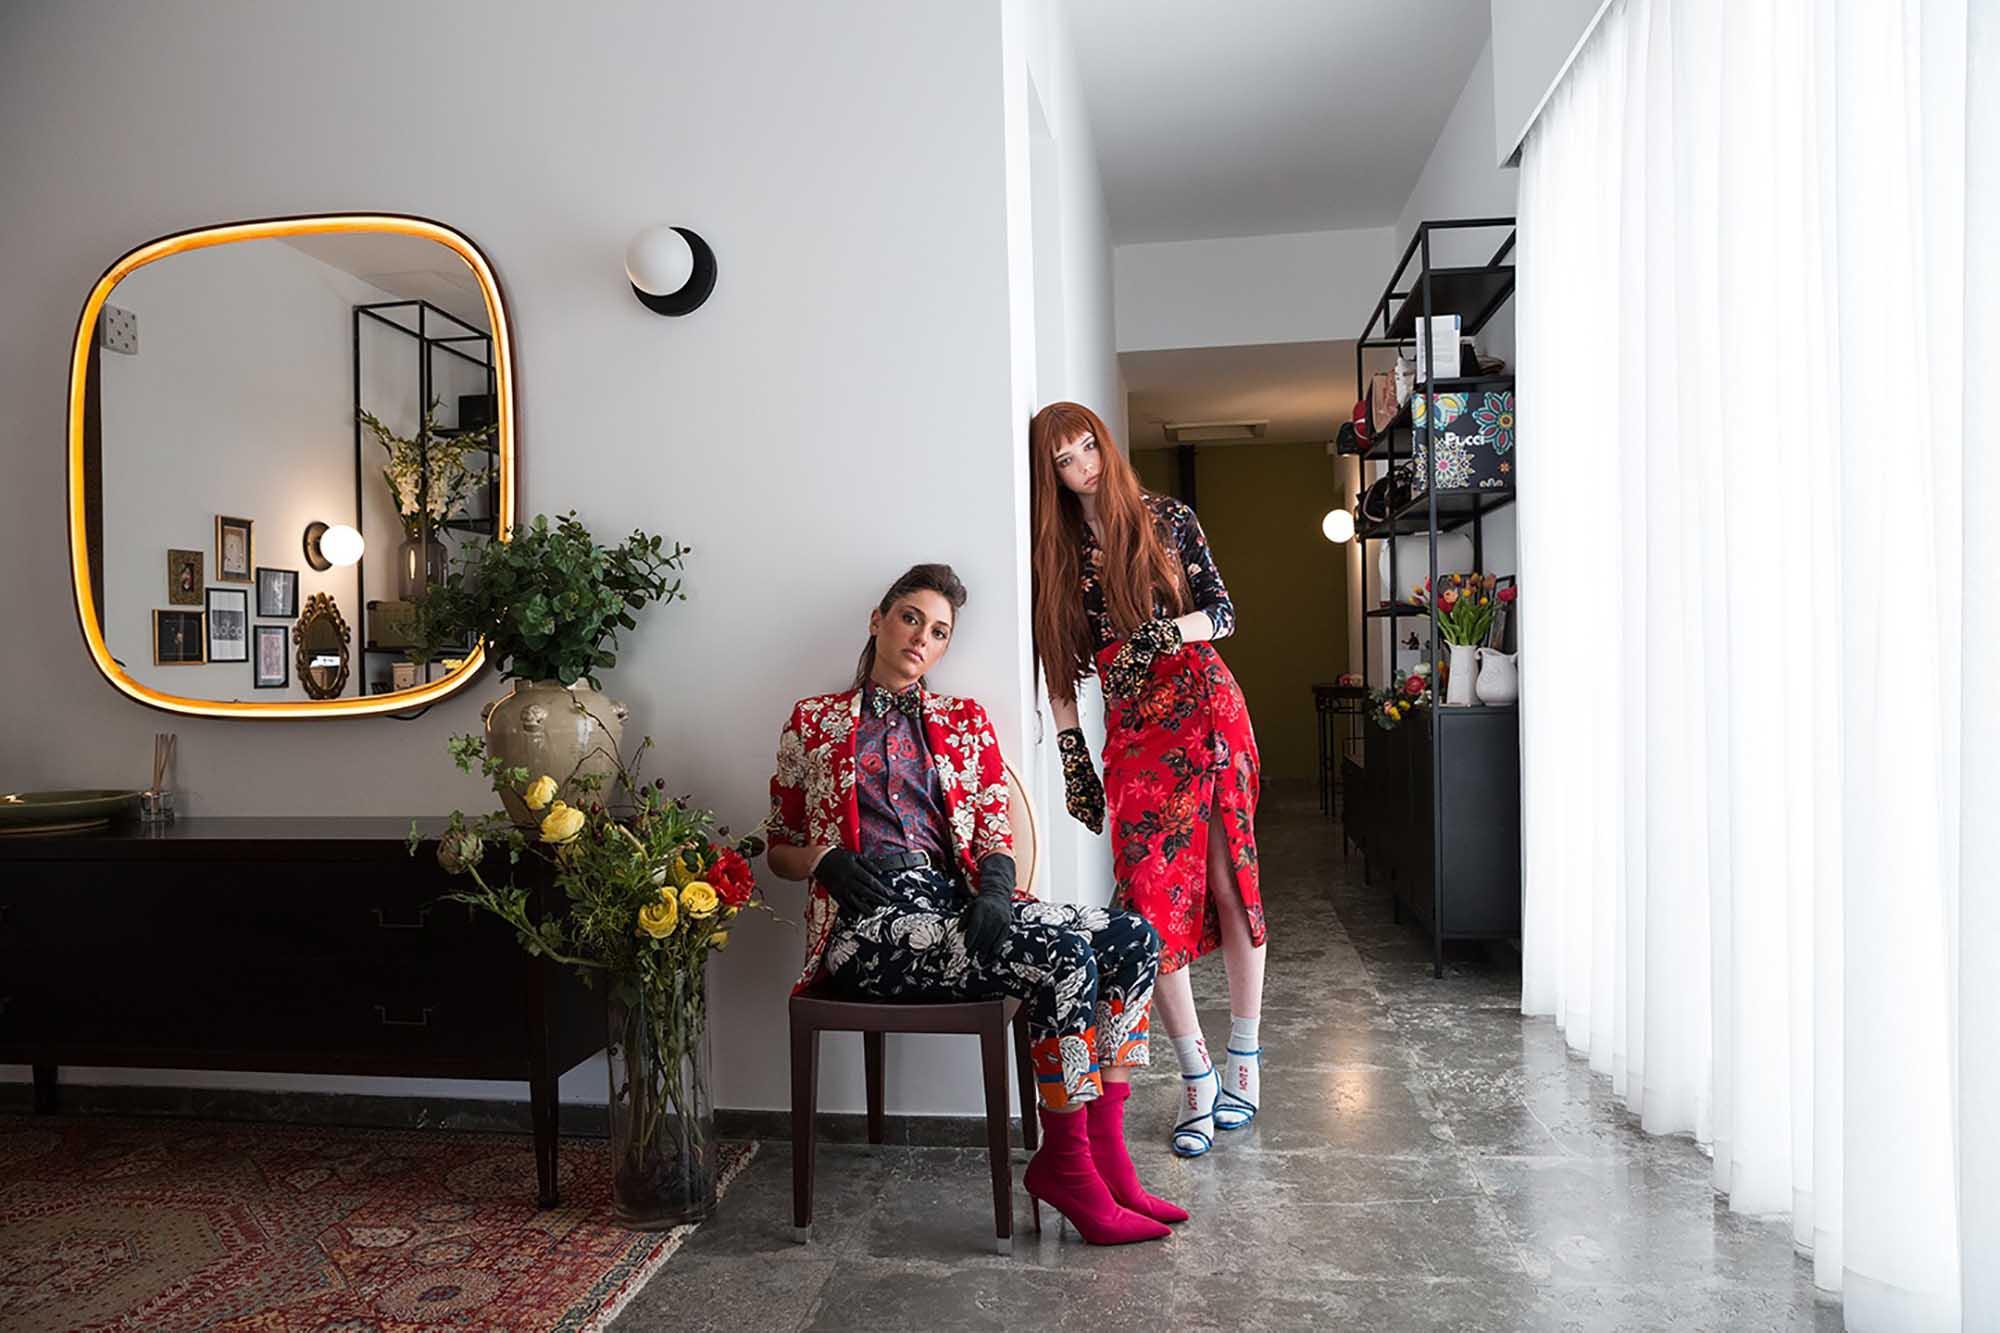 ירין שחף, הפקת אופנה, קרינה גרוזמן, שירה לכנר, מגזין אופנה -5